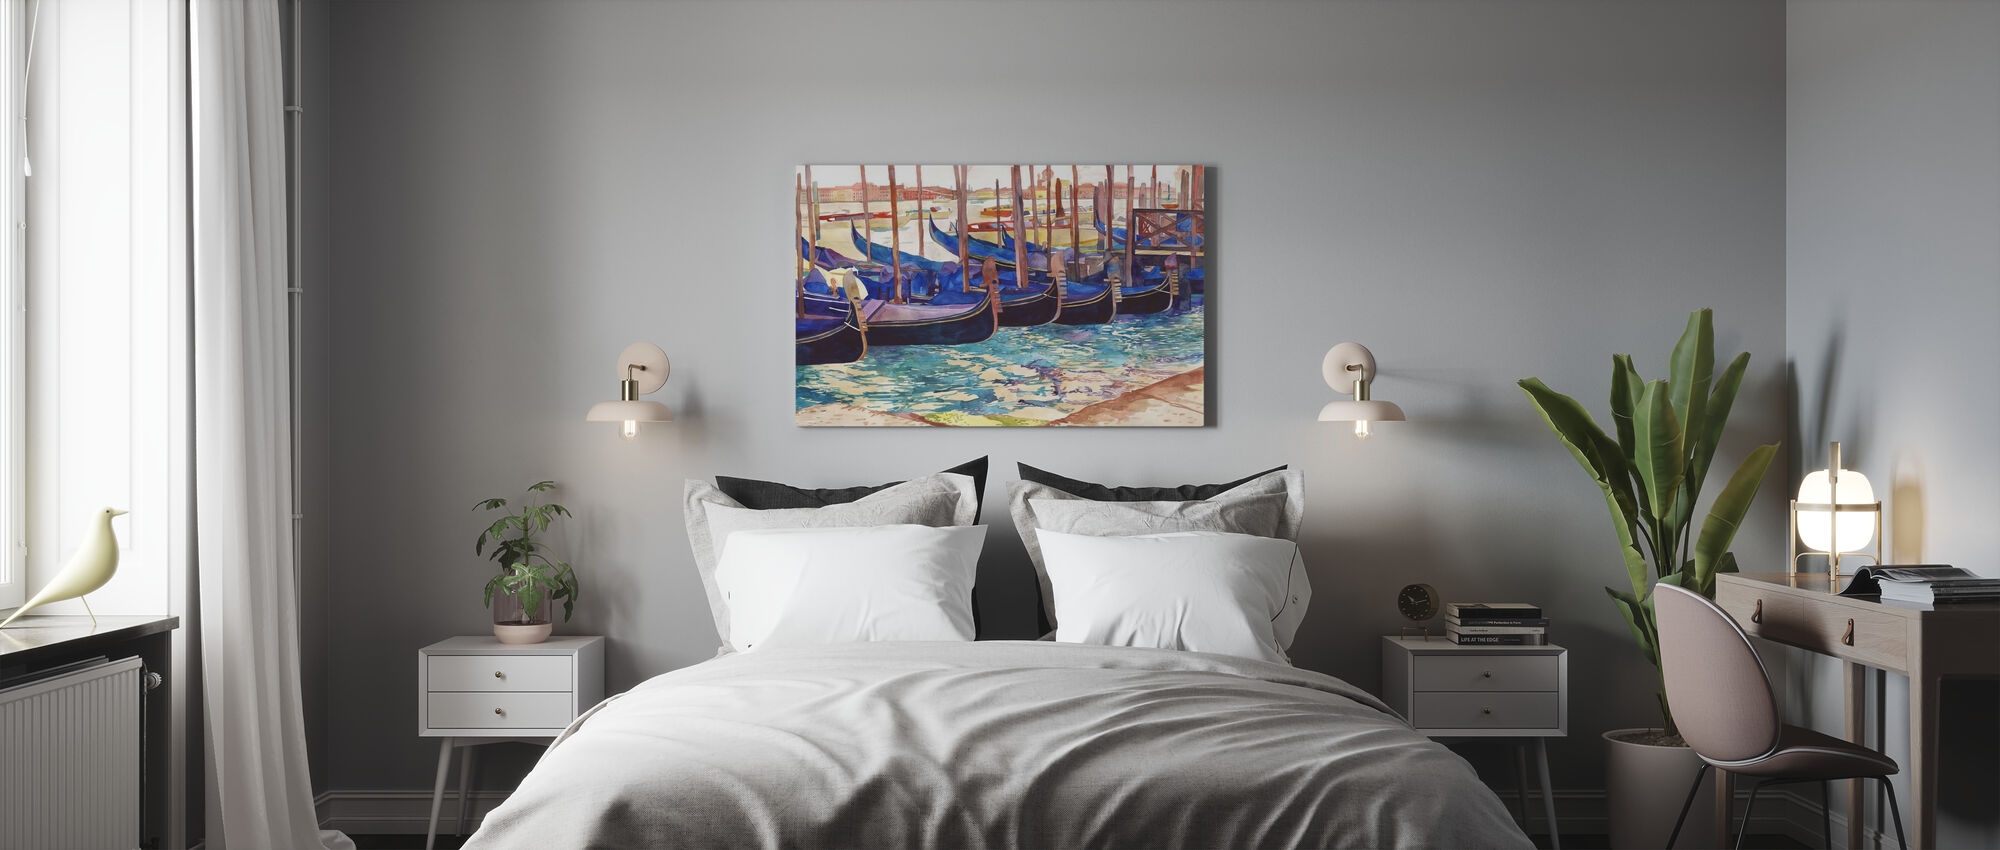 Gondolas in Venice - Canvas print - Bedroom